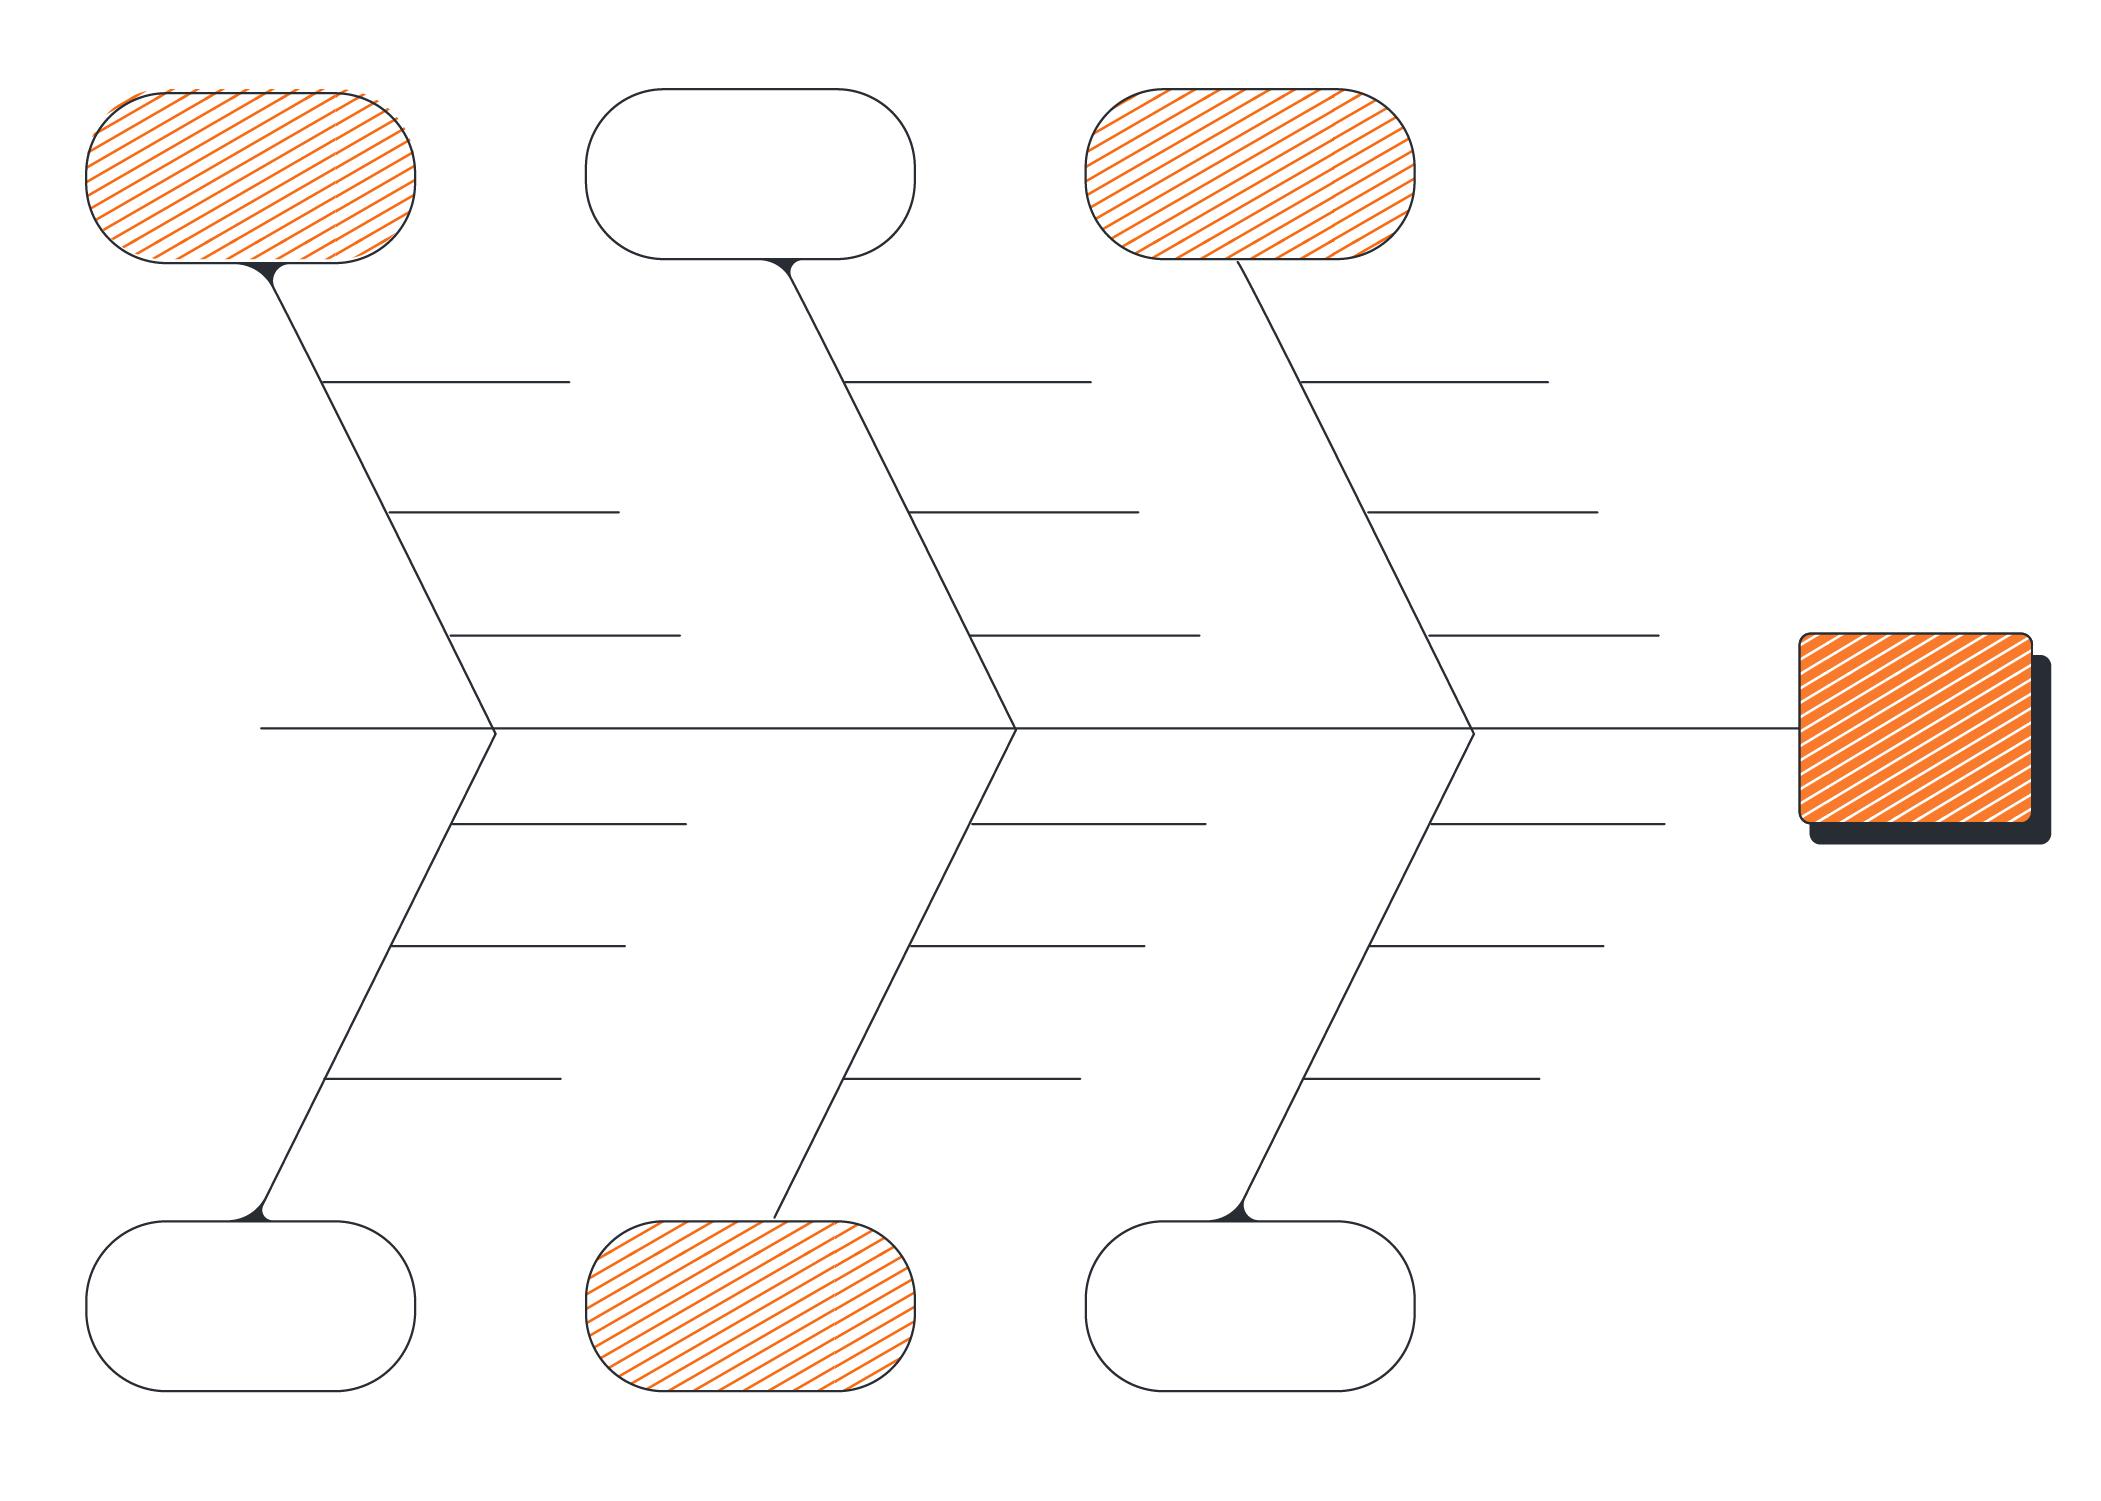 Visgraatdiagrambouwer van Lucidchart